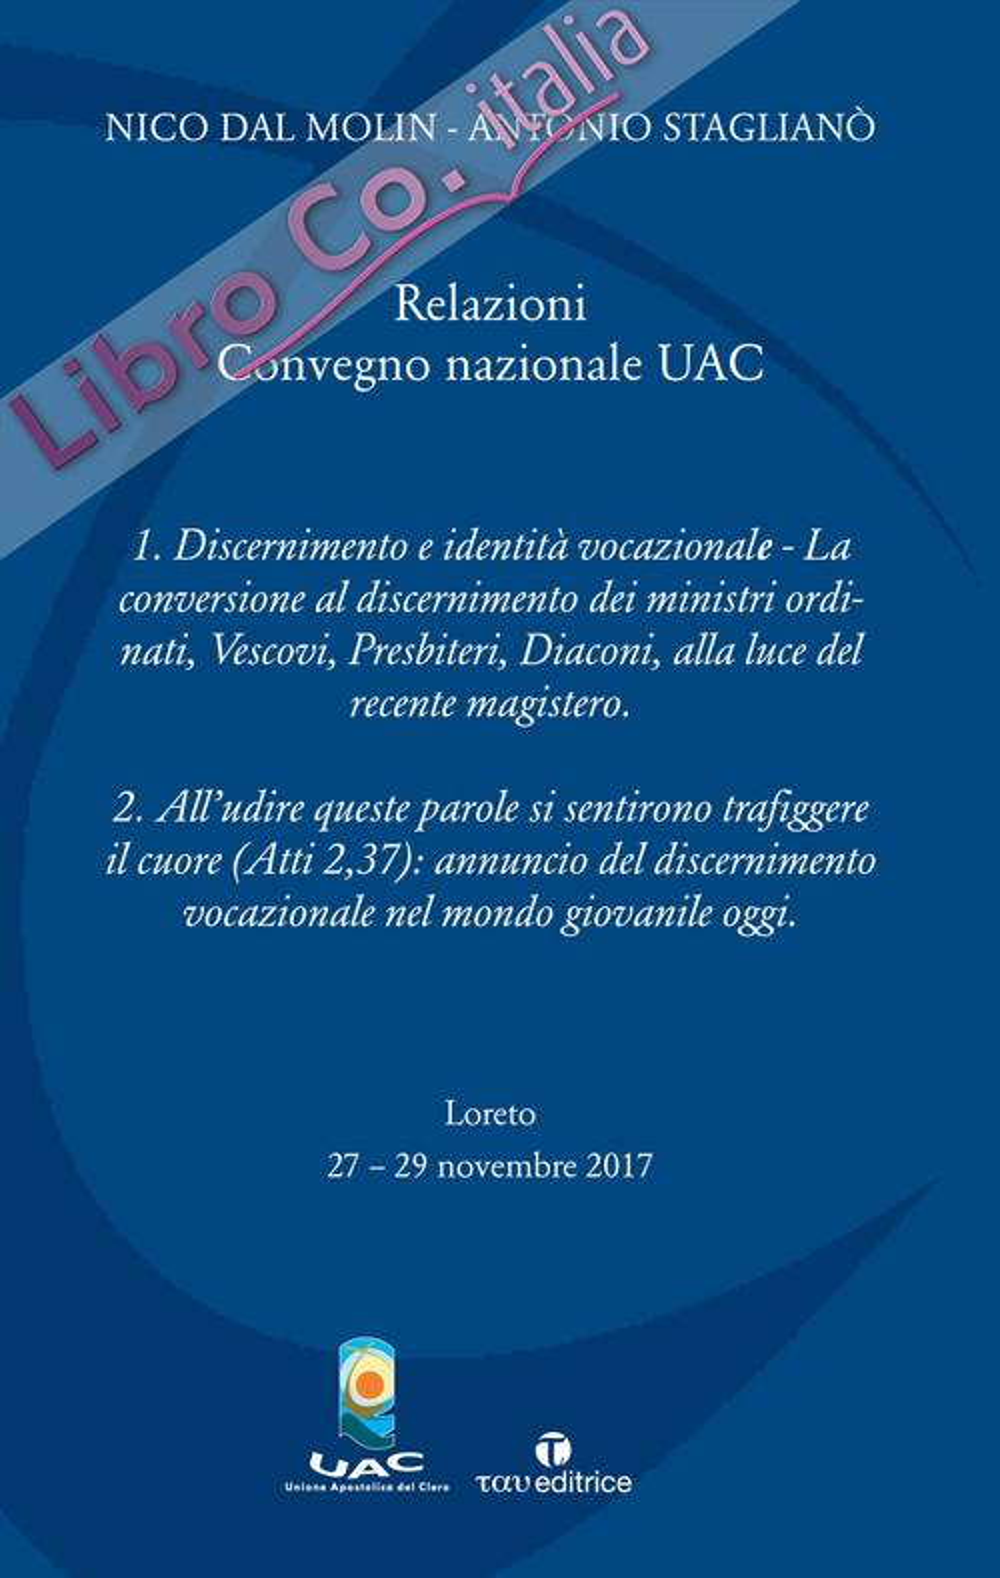 Relazioni del Convegno nazionale UAC